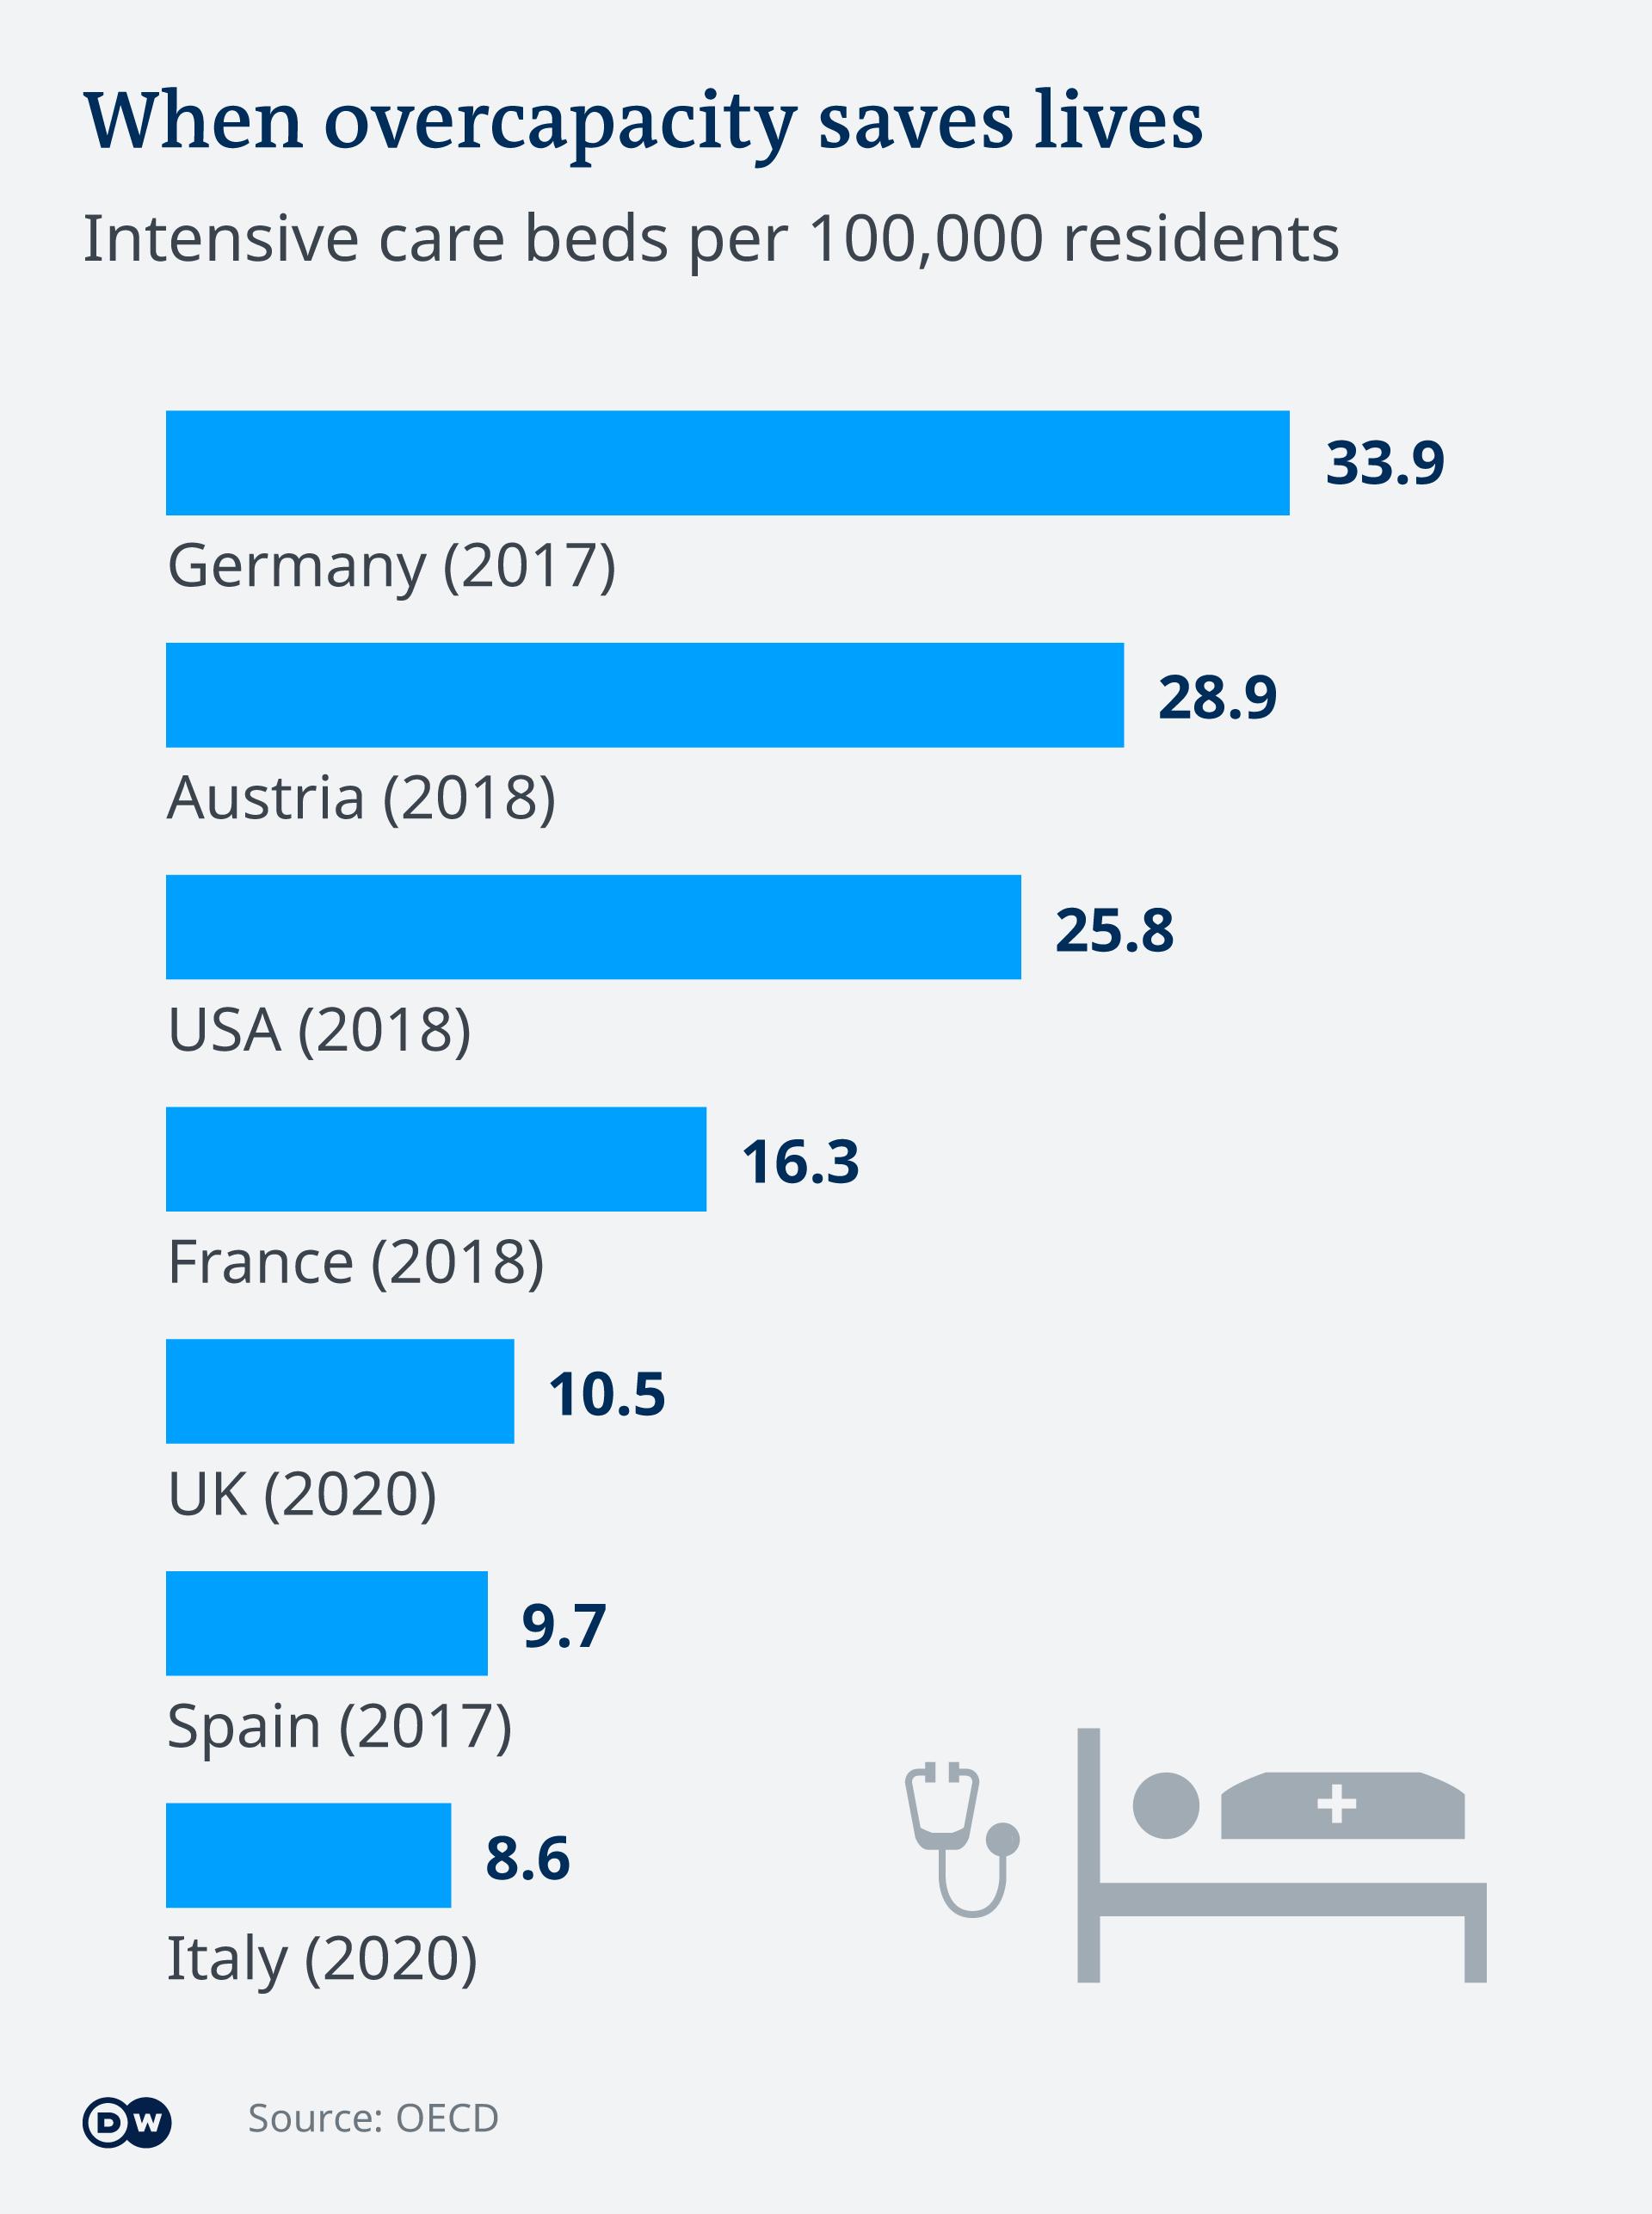 Графиката показва броя на интензивните легла на 100 хиляди души в някои страни